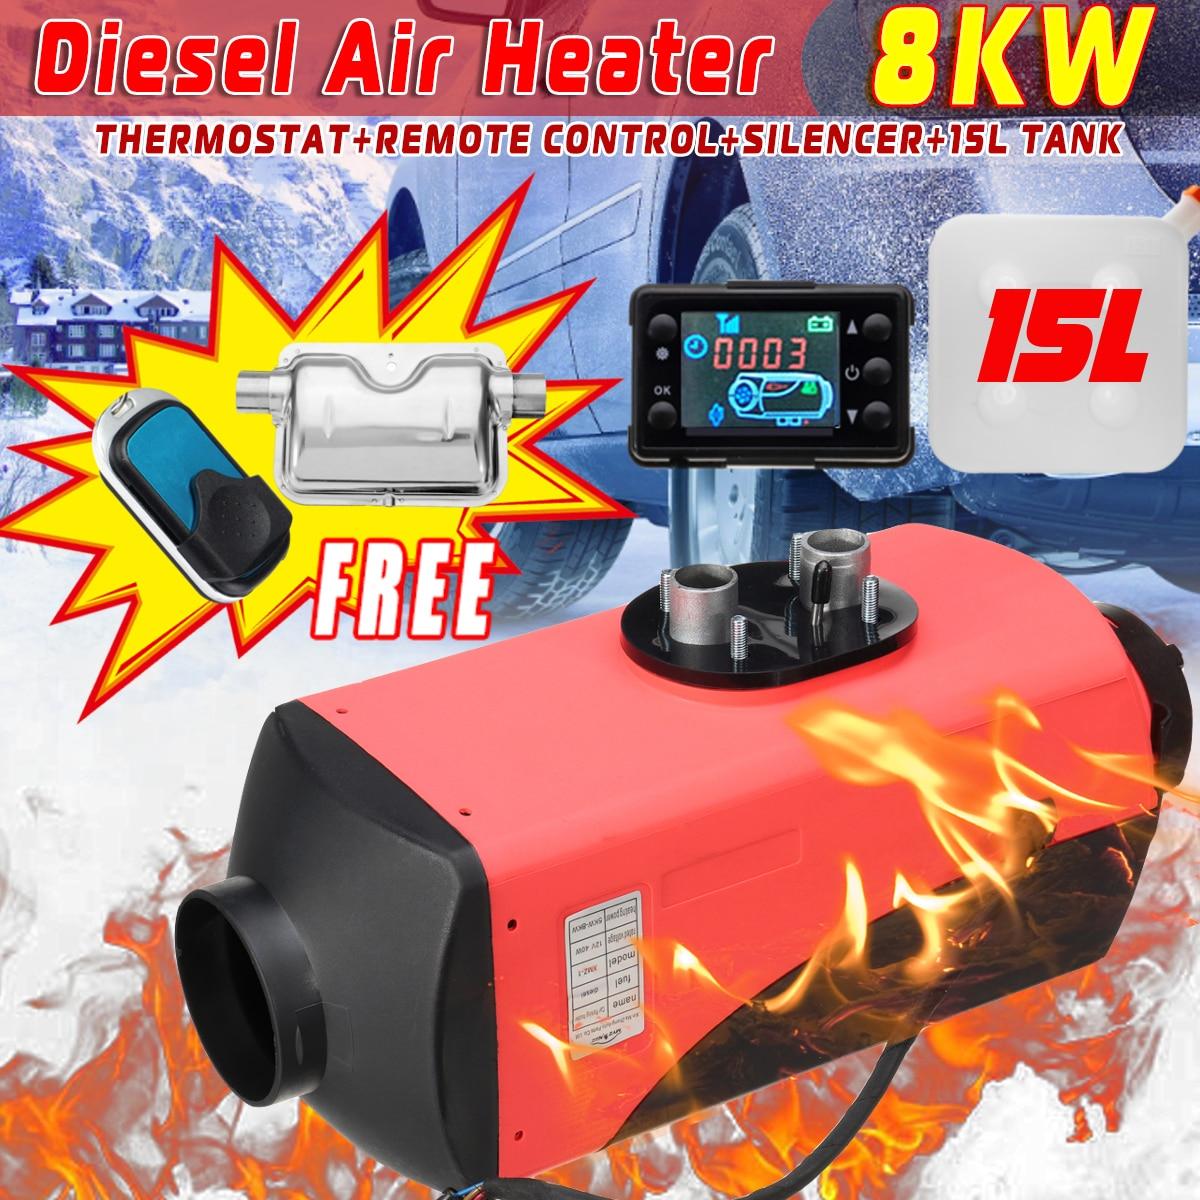 LCD D iesel Tanque Aquecedor de Ar Silencer 12 V 8KW 15L Planar Carro Caminhões Barco Motorhome de Garagem Com Controle Remoto monitor LCD para RV